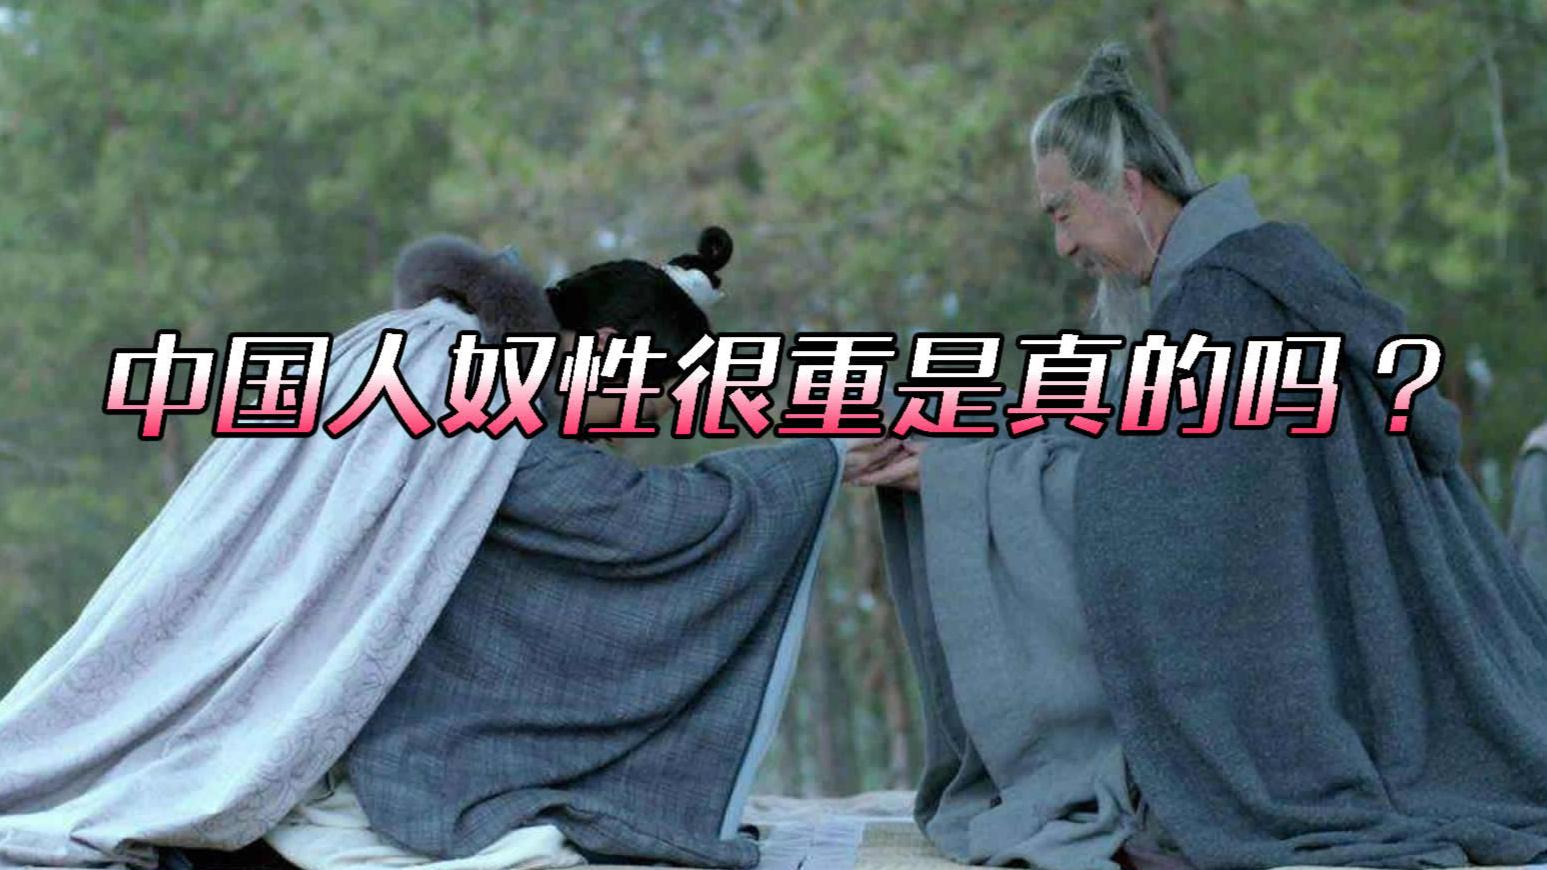 网上一直说中国人奴性很重,这个说法真的有道理吗?